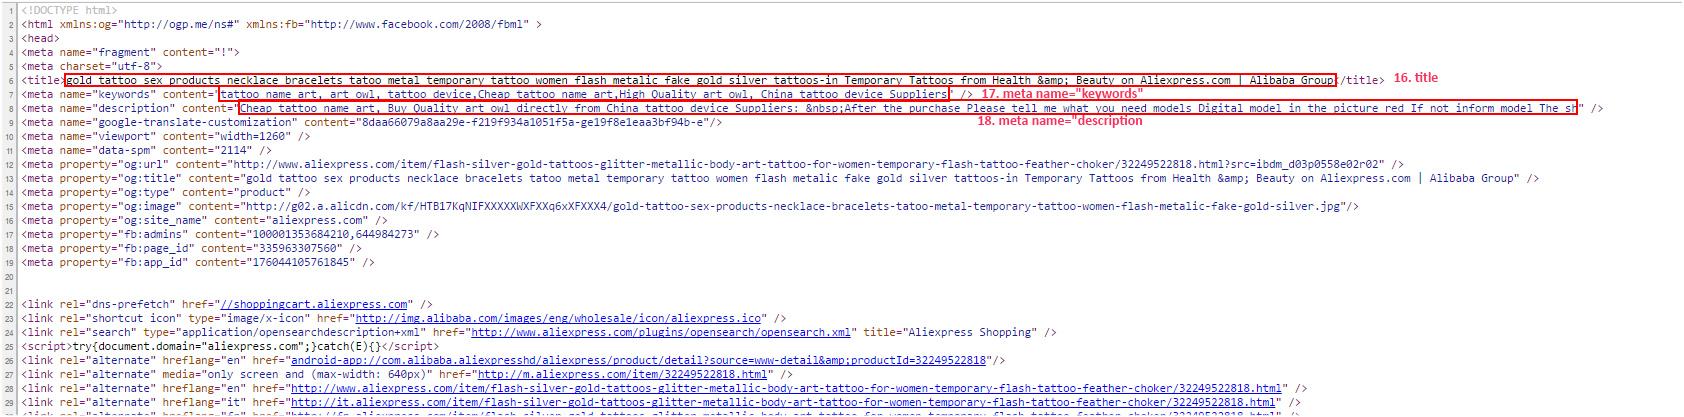 проект файл 2 код страницы продукта.jpg